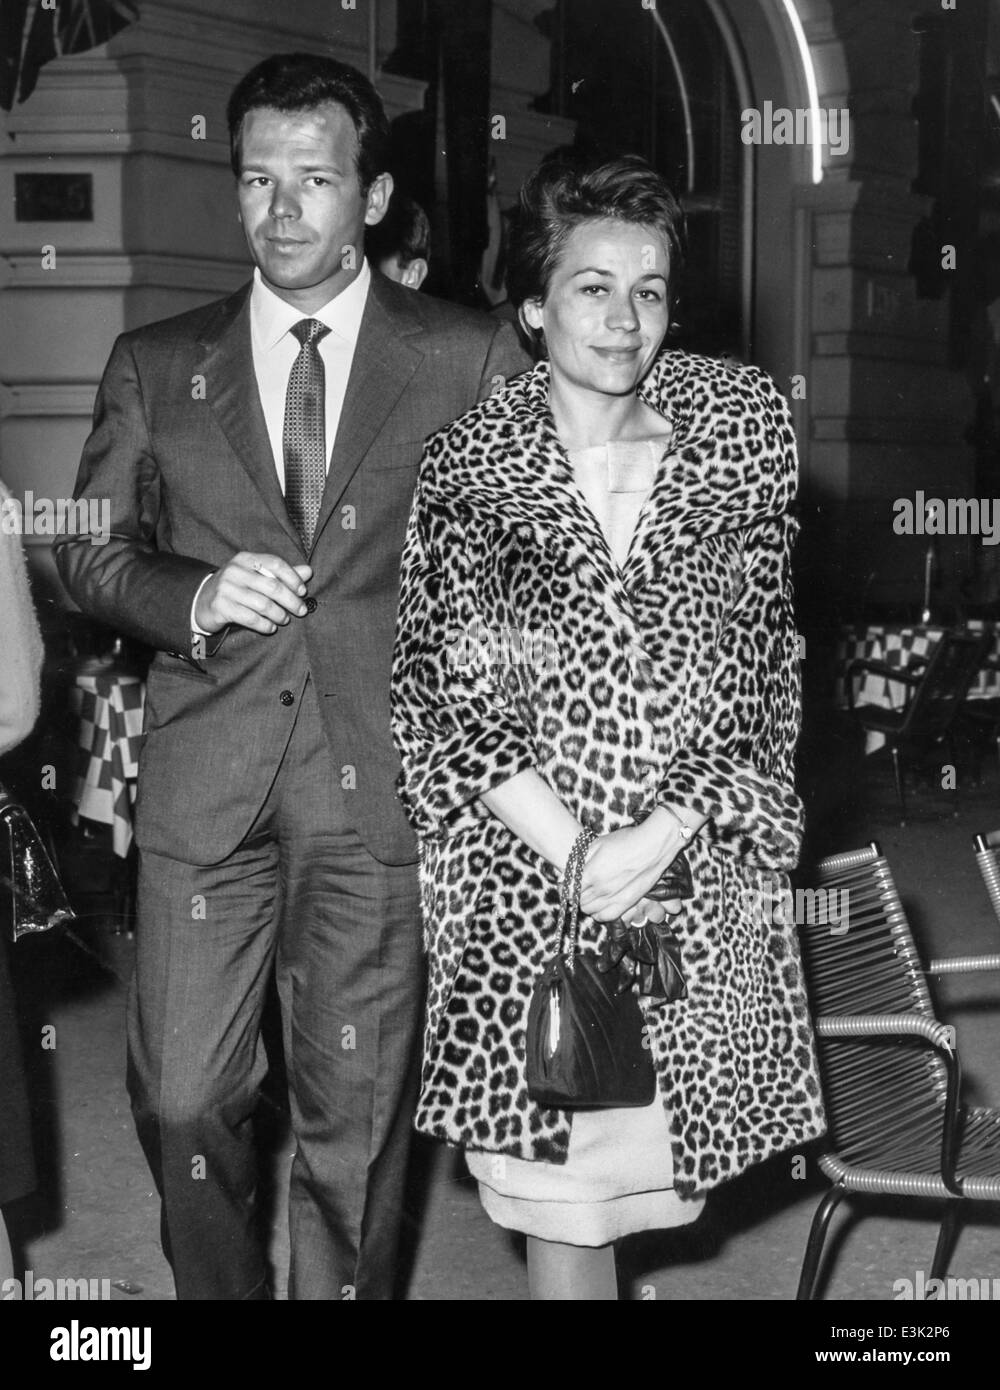 Annie girardot e Renato salvatori,roma,60's Foto Stock